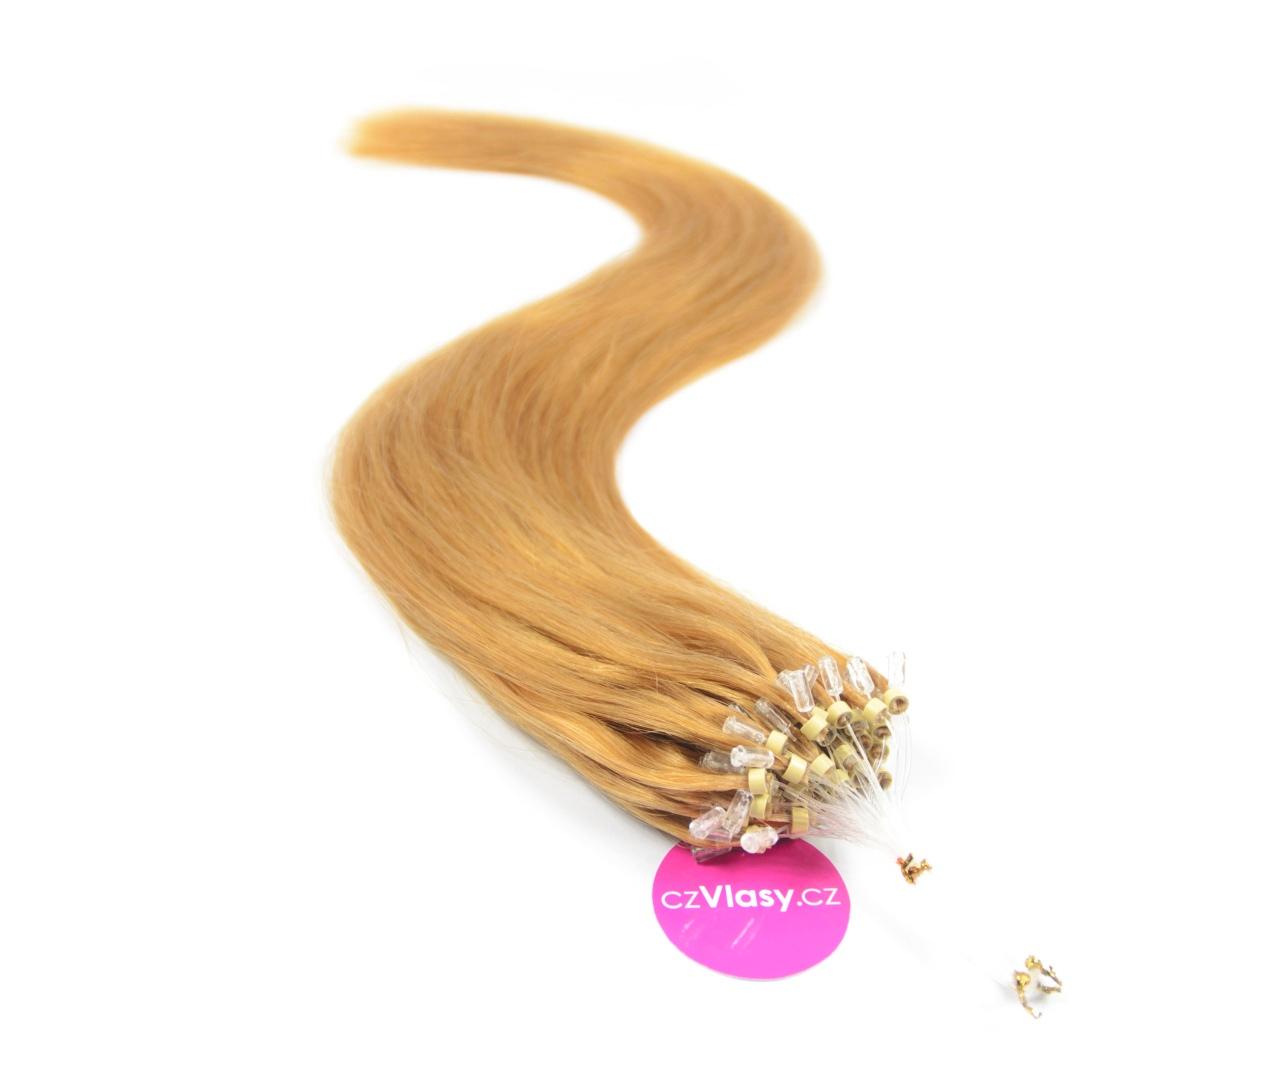 Indické vlasy na metodu micro-ring odstín 27 Délka: 50 cm, Hmotnost: 0,8 g/pramínek, REMY